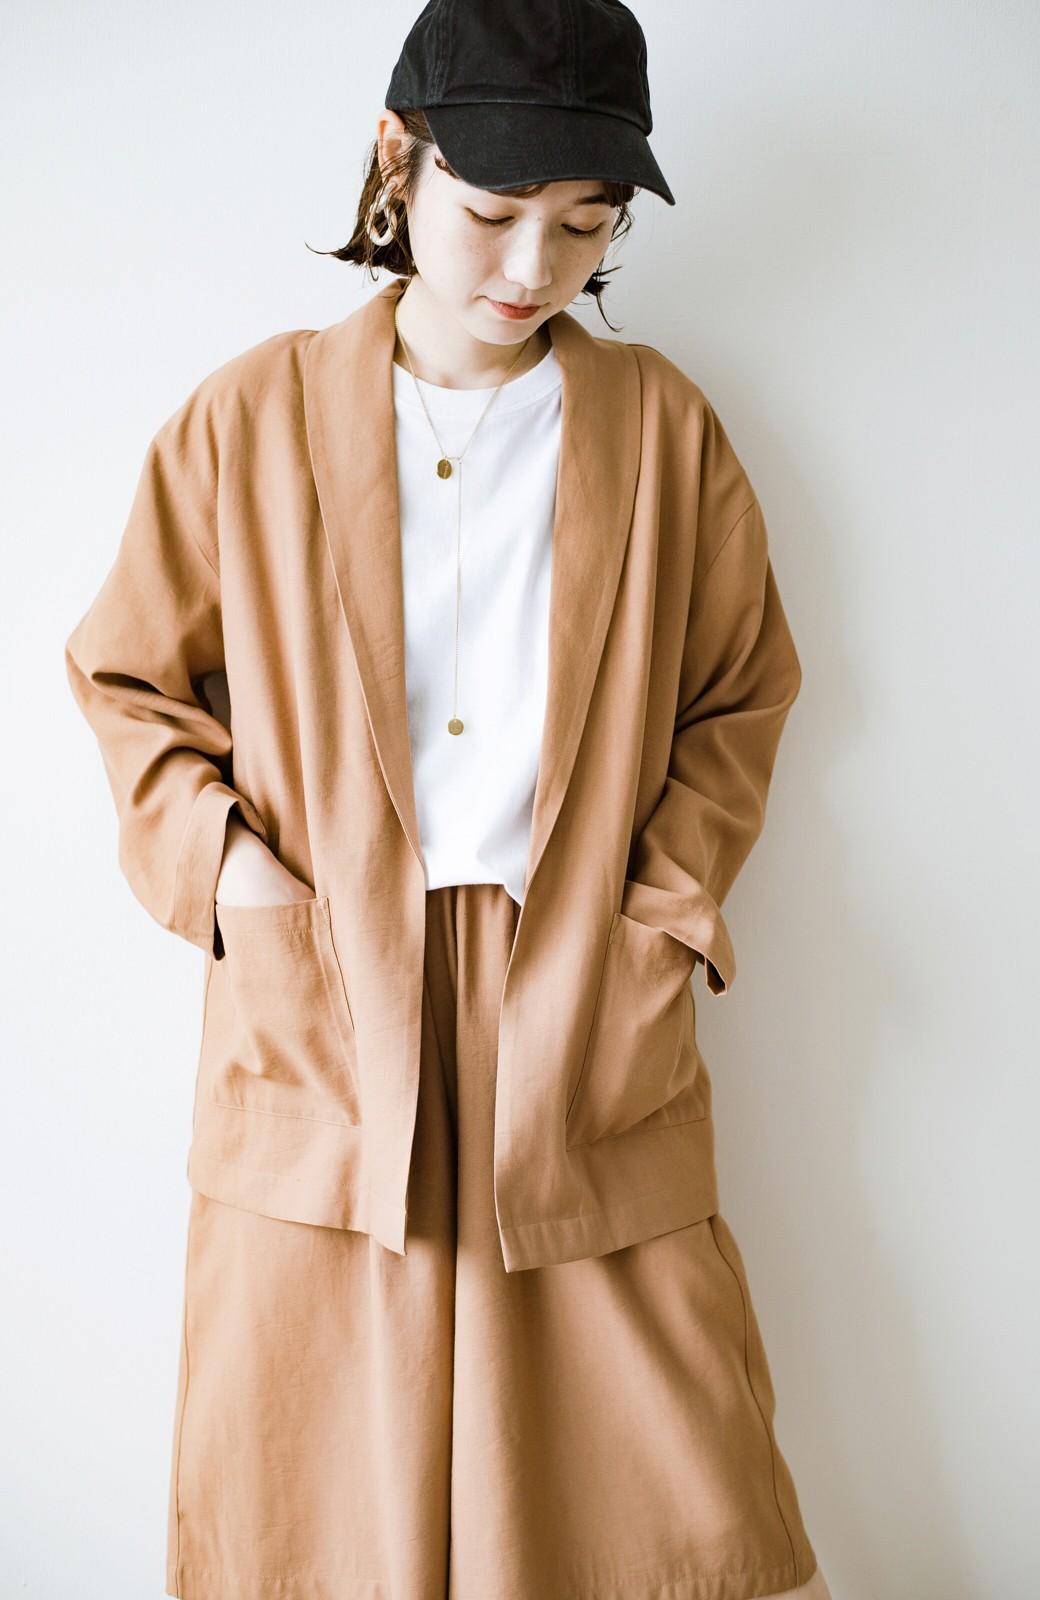 haco! さらりと羽織ってきれい見え カジュアルにも着られてほどよいきちんと感が頼りになるリラックスジャケット <キャメル>の商品写真4